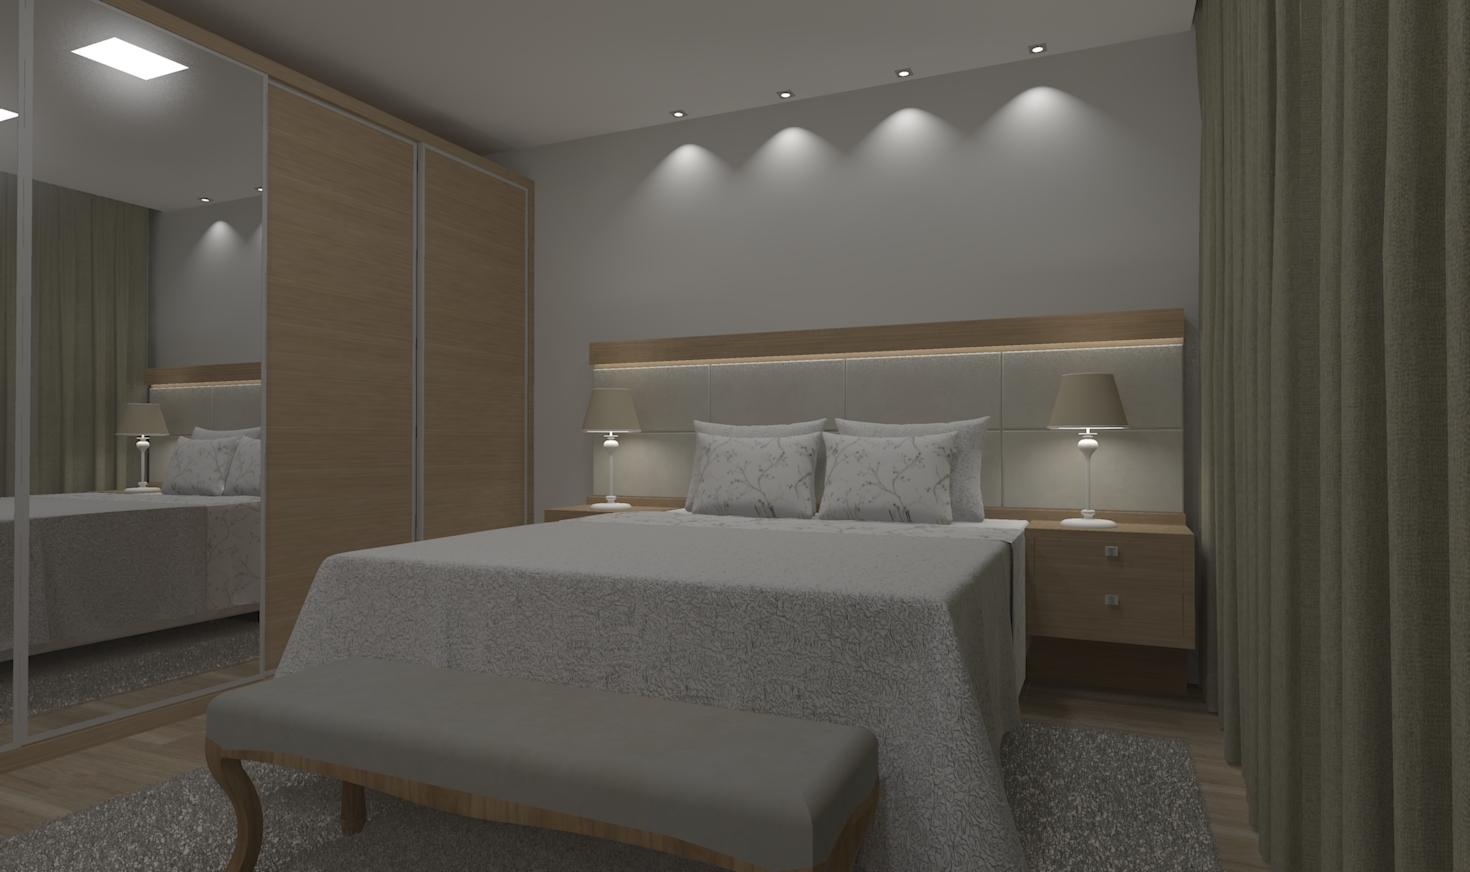 Quarto De Casal Closet E Banheiro Quartos Suite Super Hot Mobile #594F42 1470x872 Banheiro Closet Quarto